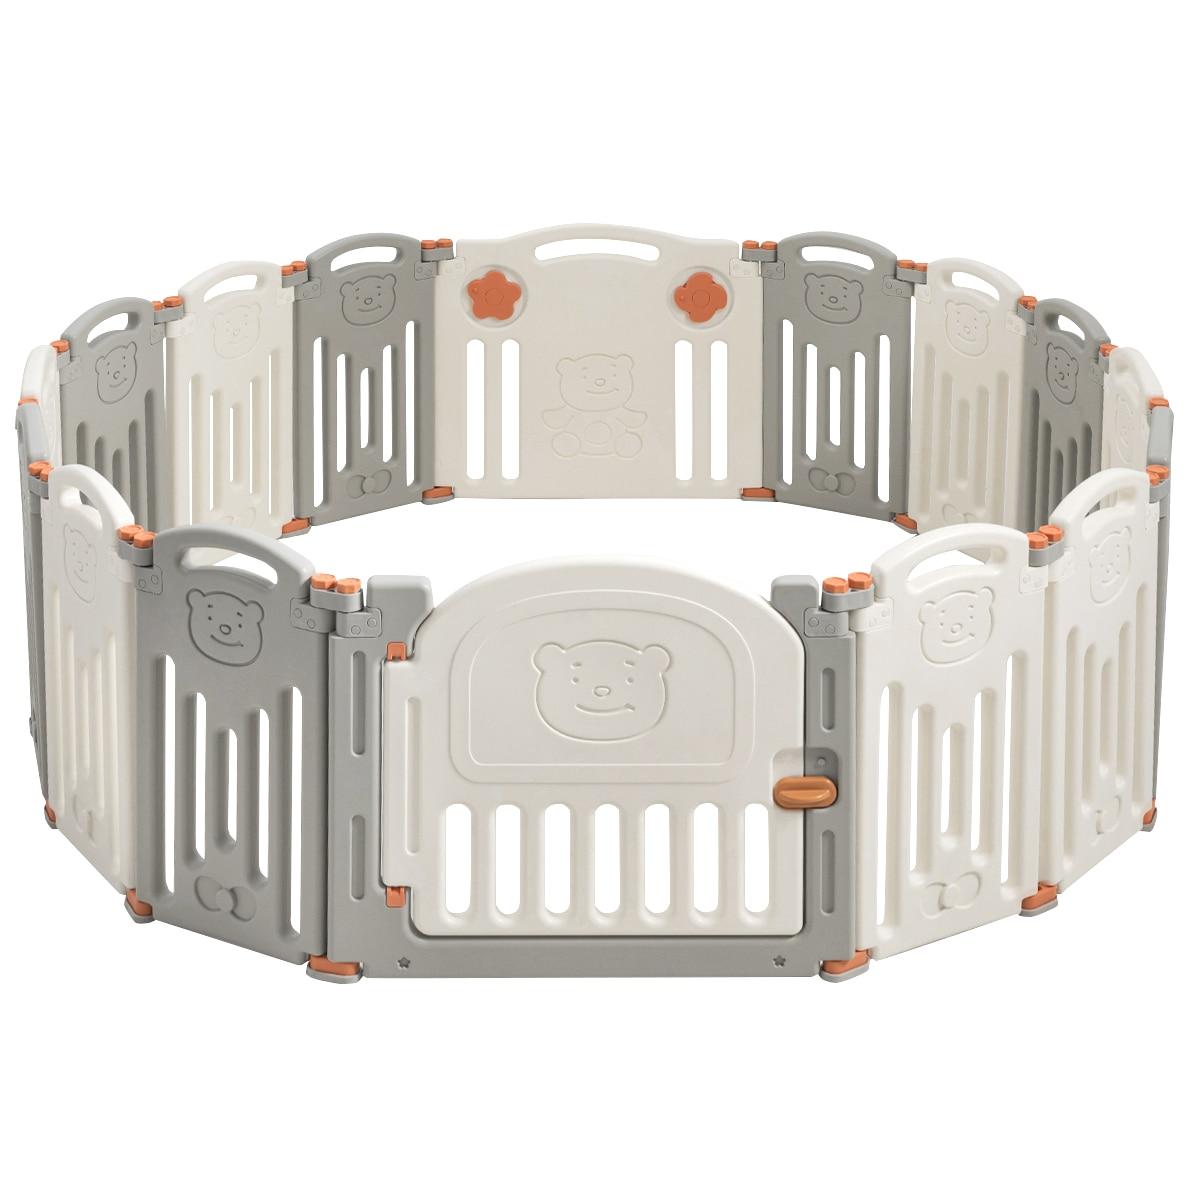 Foldable Baby Playpen 16 Panel Activity Center Home Self Yard W/ Lock Door